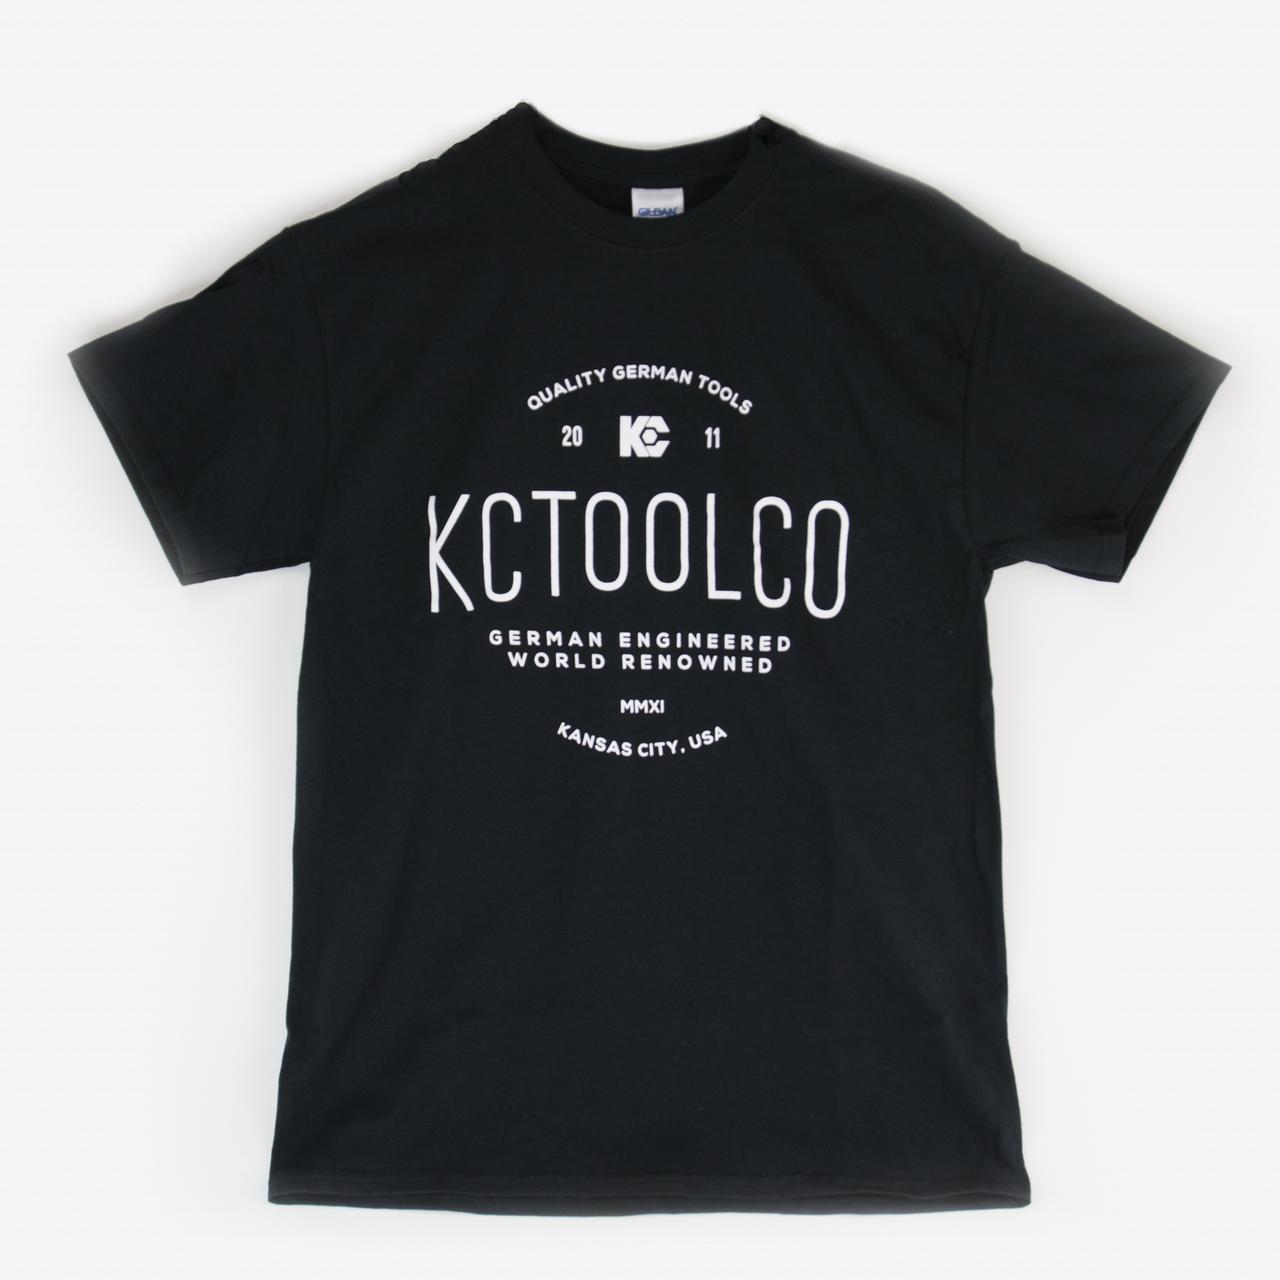 KCTOOLCO Shirt - KC TOol